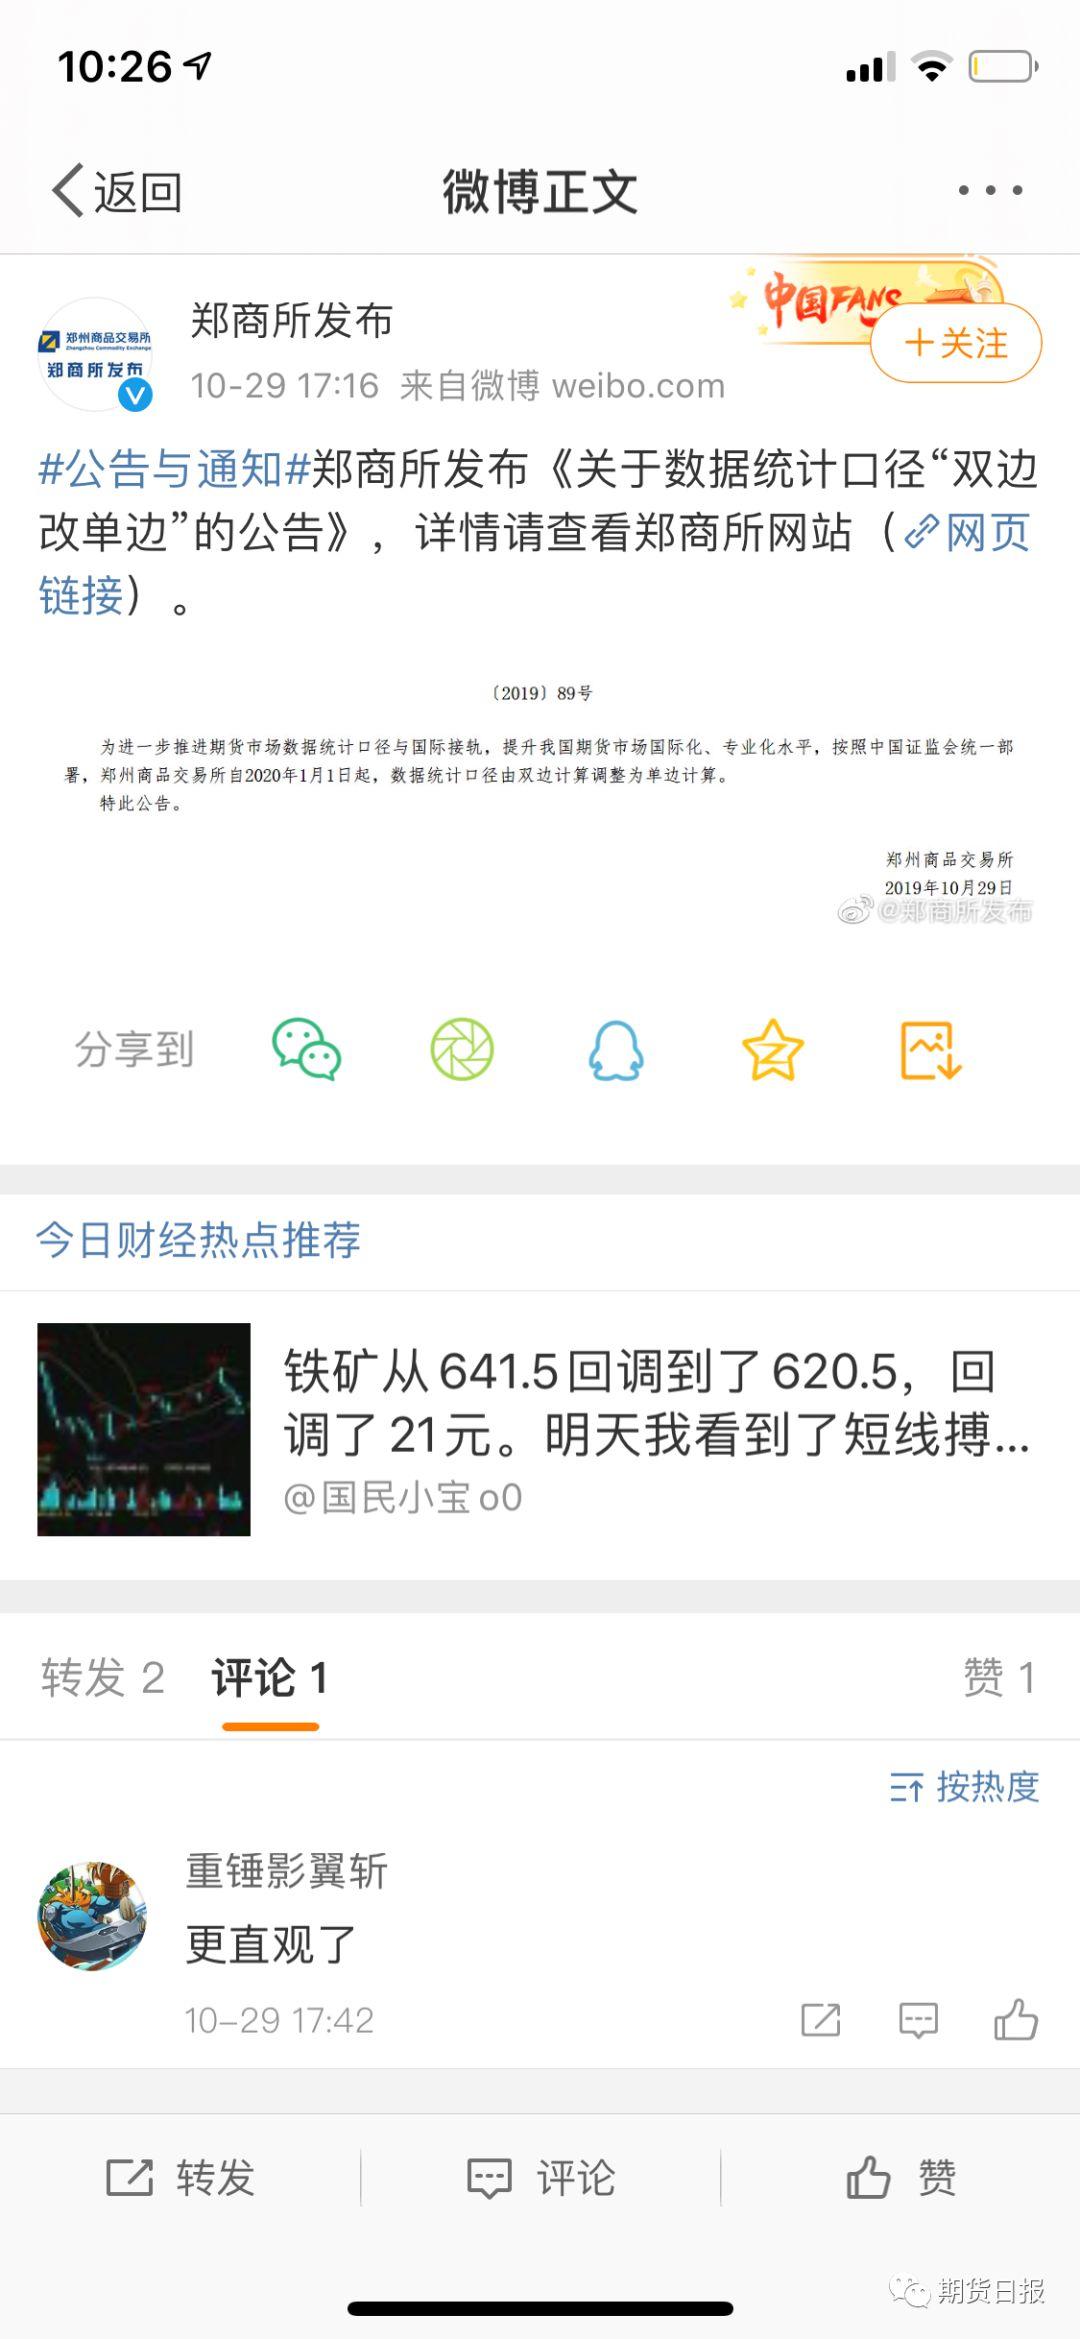 「最新博彩免费送彩金」林郑:感谢中央出台一系列惠及香港的政策措施